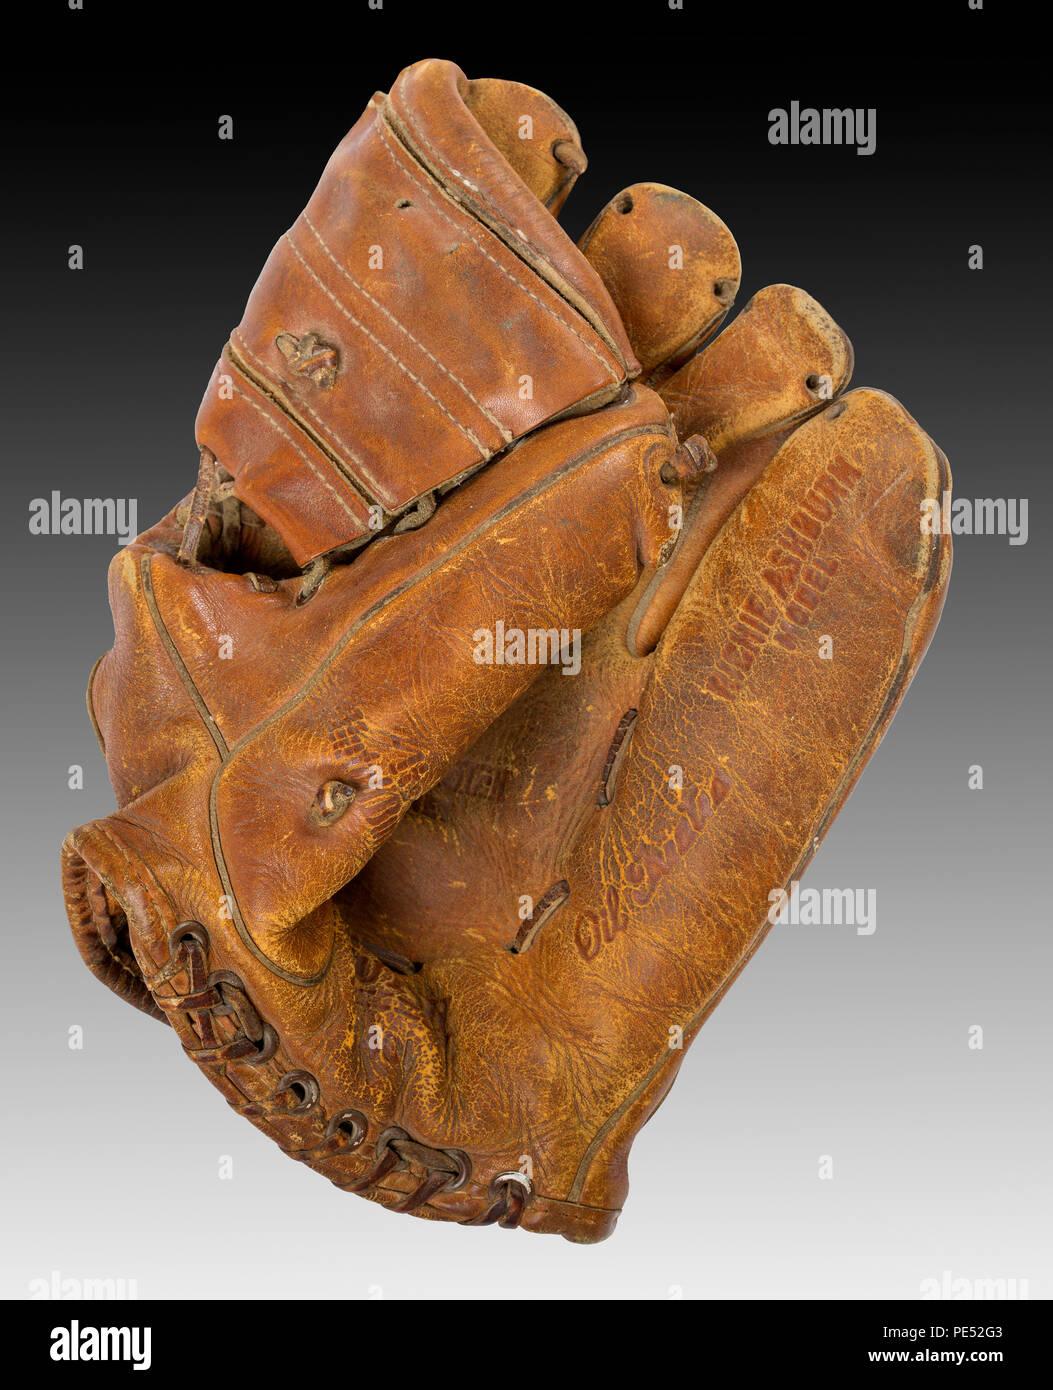 de488559381 A vintage 1950s Hutch model 40L Richie Ashburn autographed baseball glove -  Stock Image